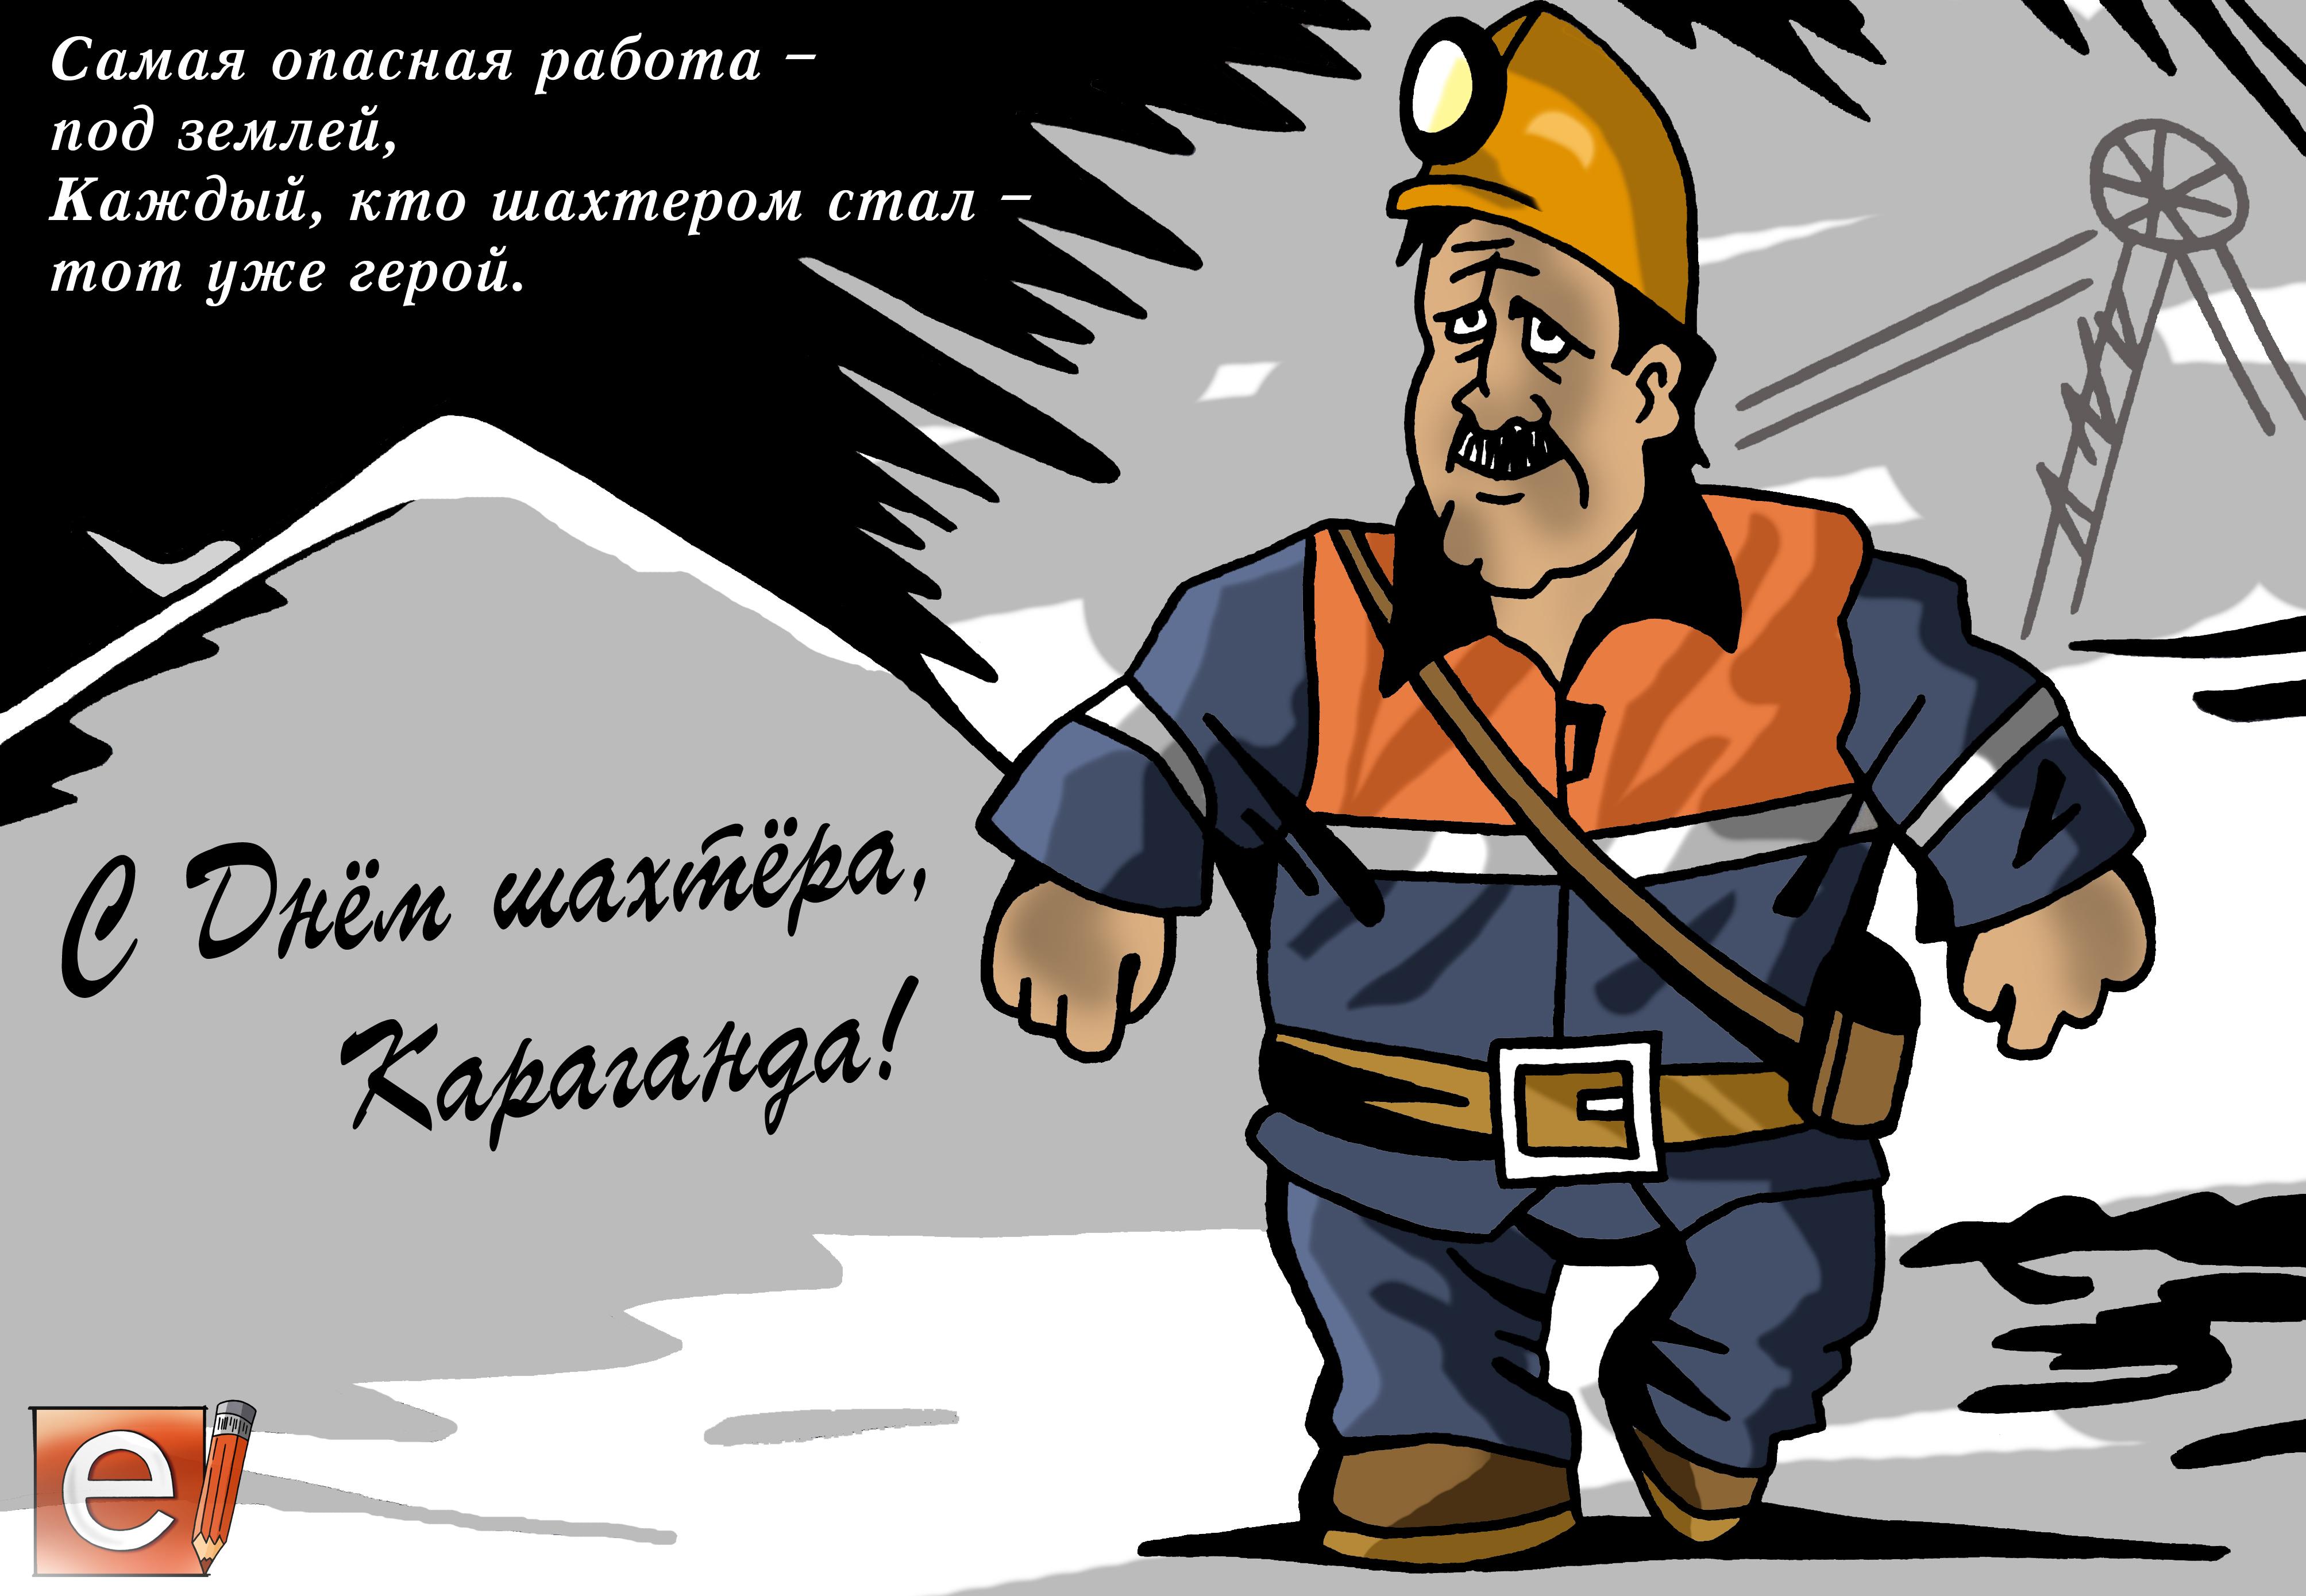 Открытки с днем шахтера 59